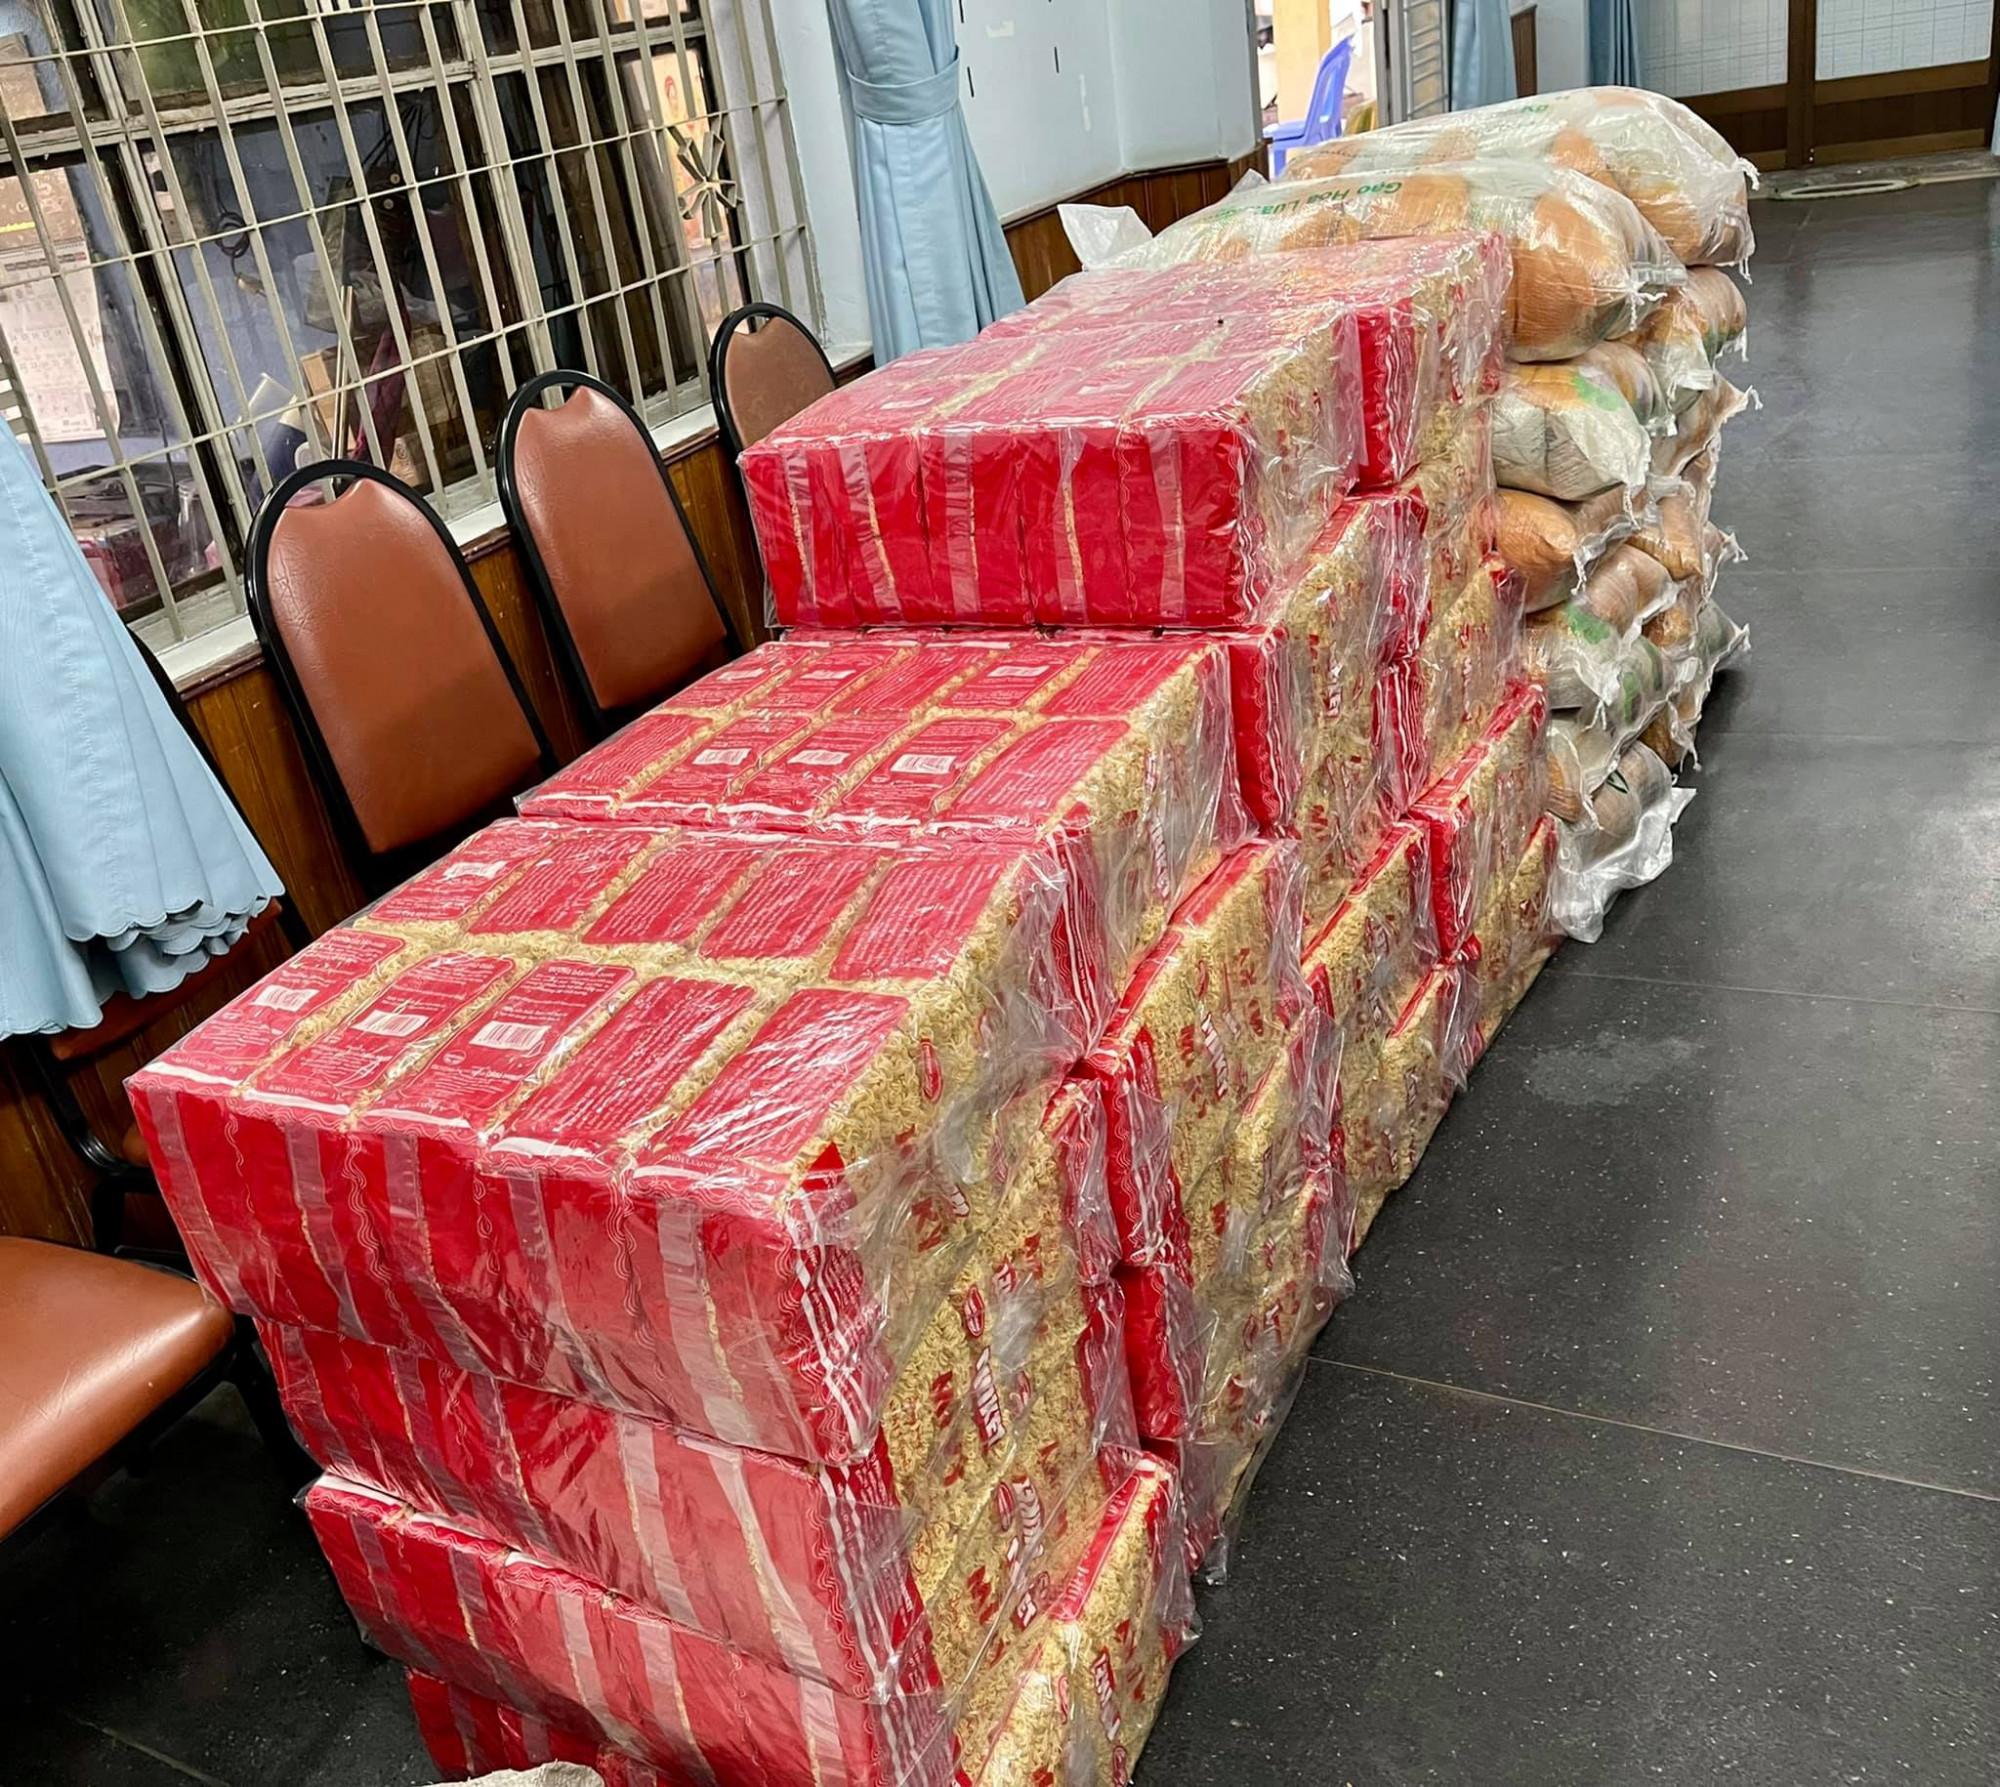 Nhu yếu phẩm được gửi về nhanh chóng để hỗ trợ nghệ sĩ khó khăn, công nhân hậu đài